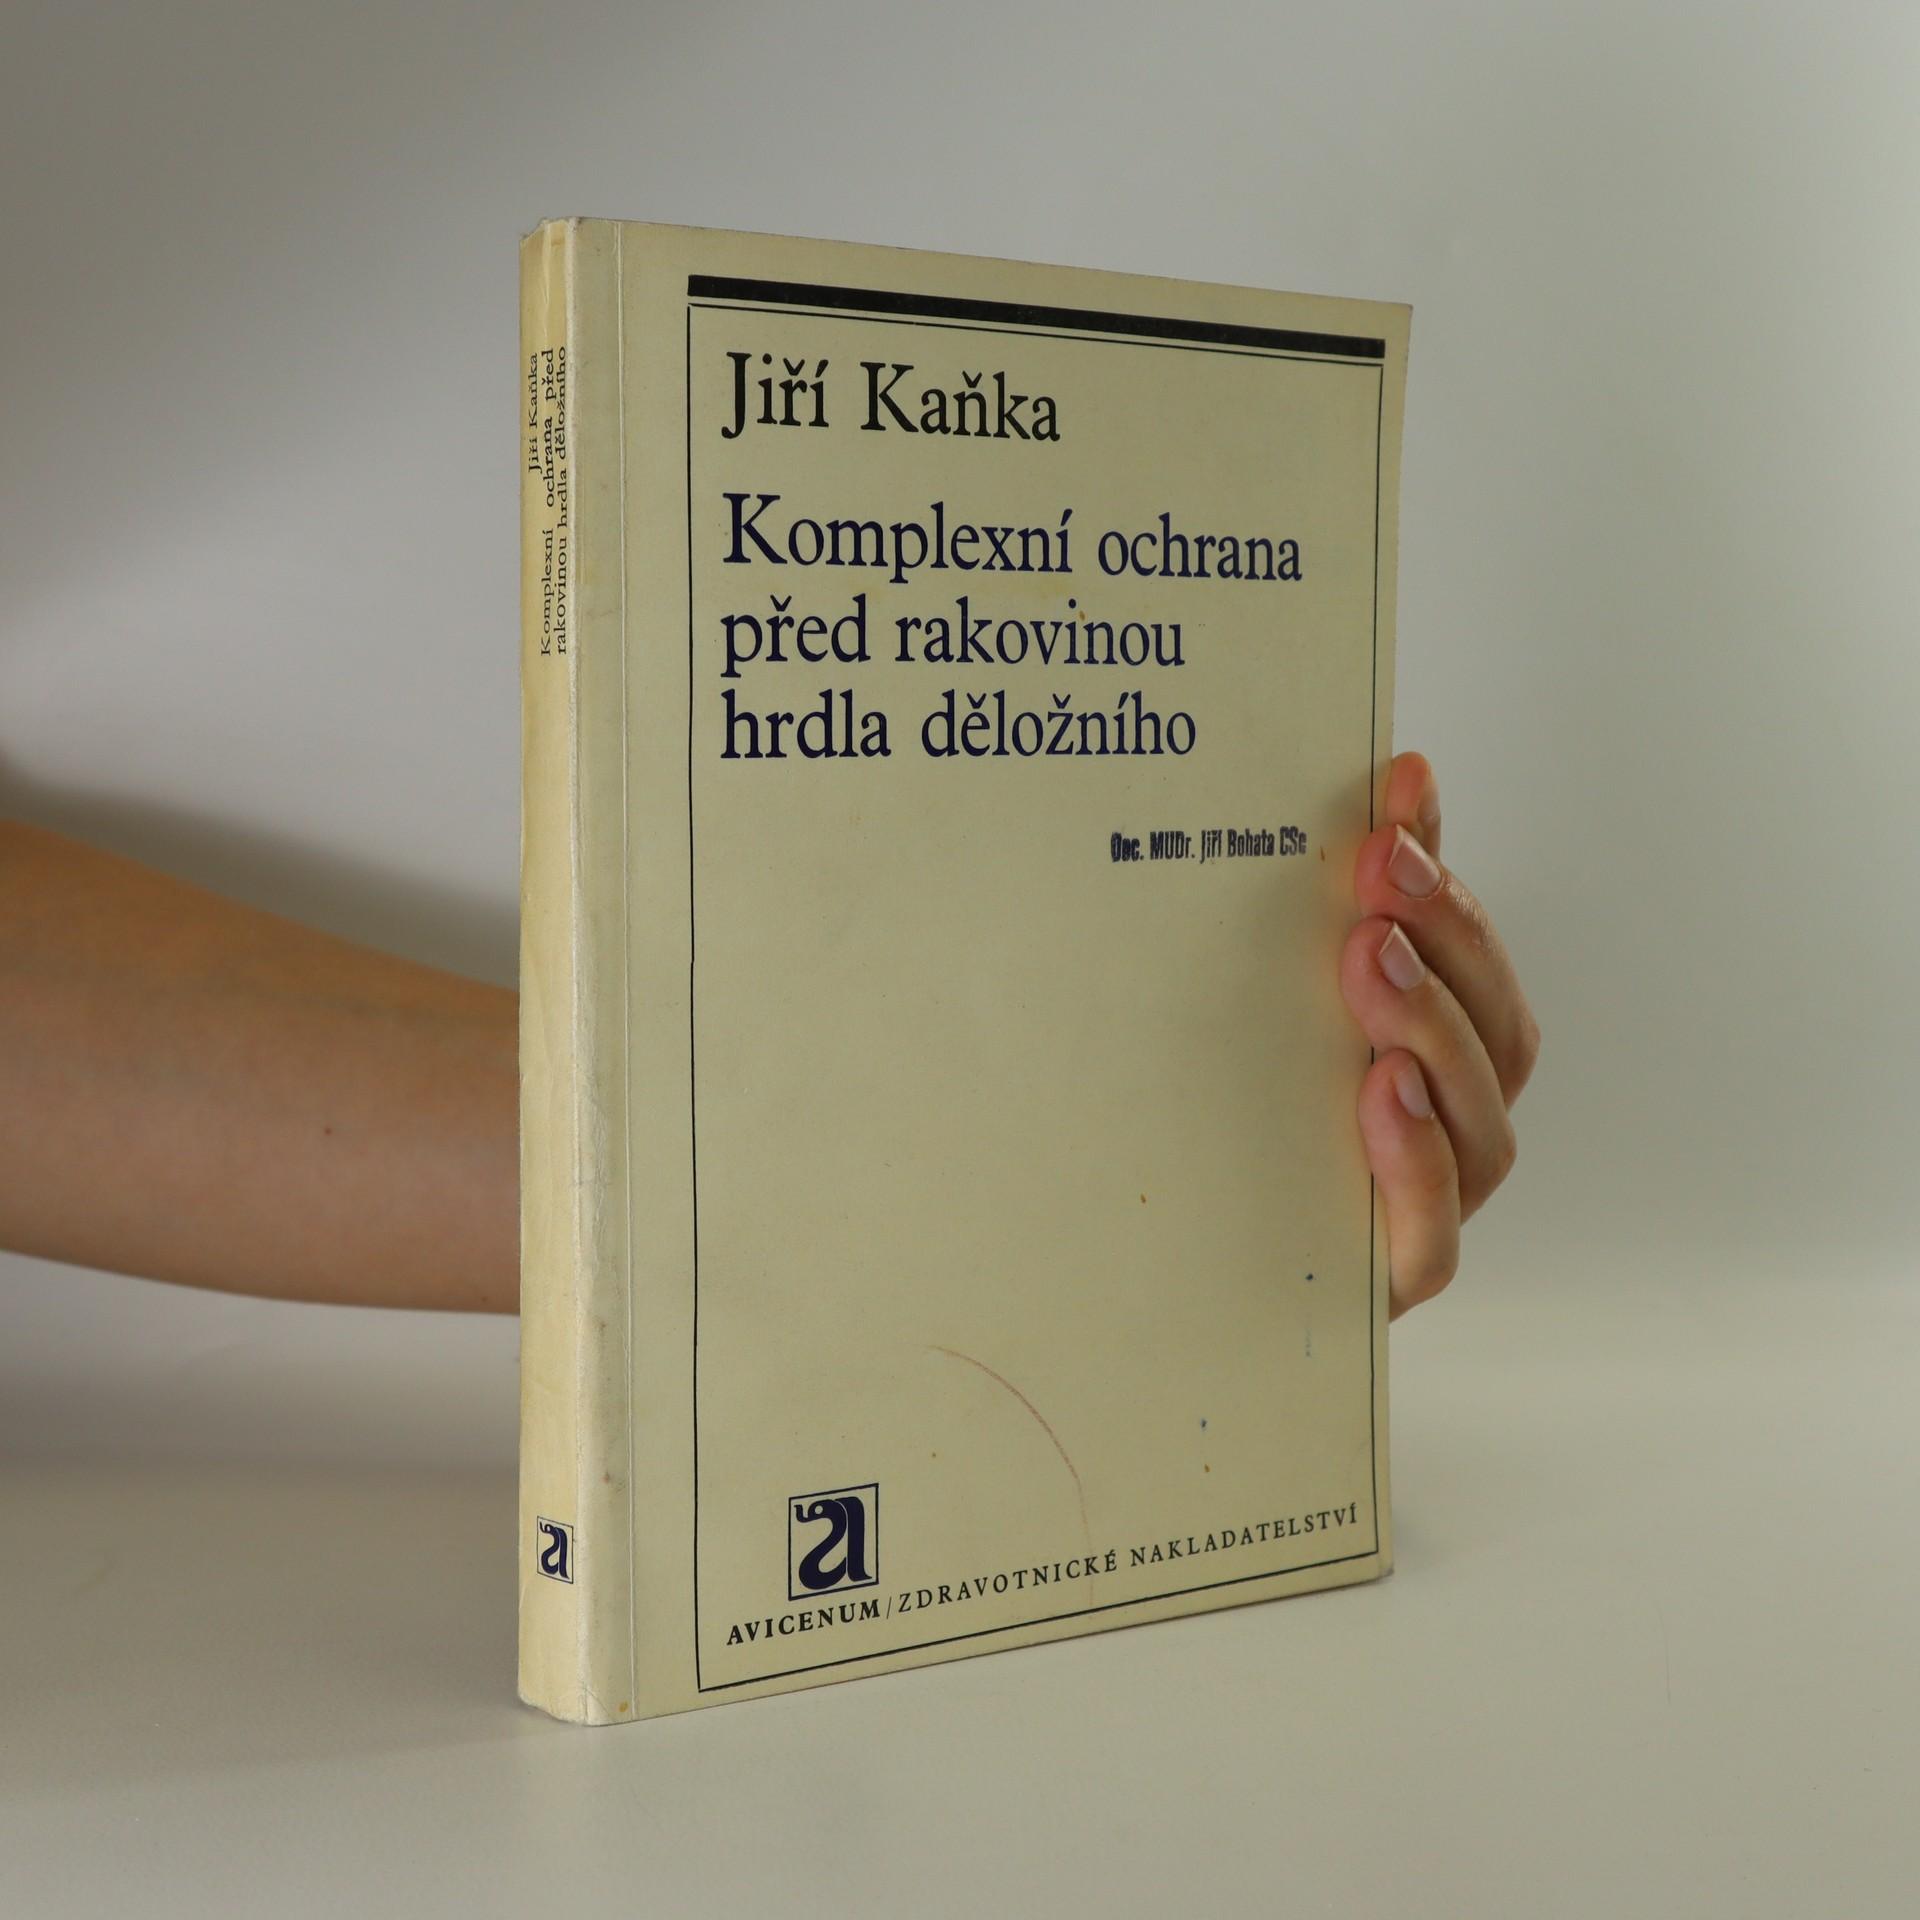 antikvární kniha Komplexní ochrana před rakovinou hrdla děložního, 1971